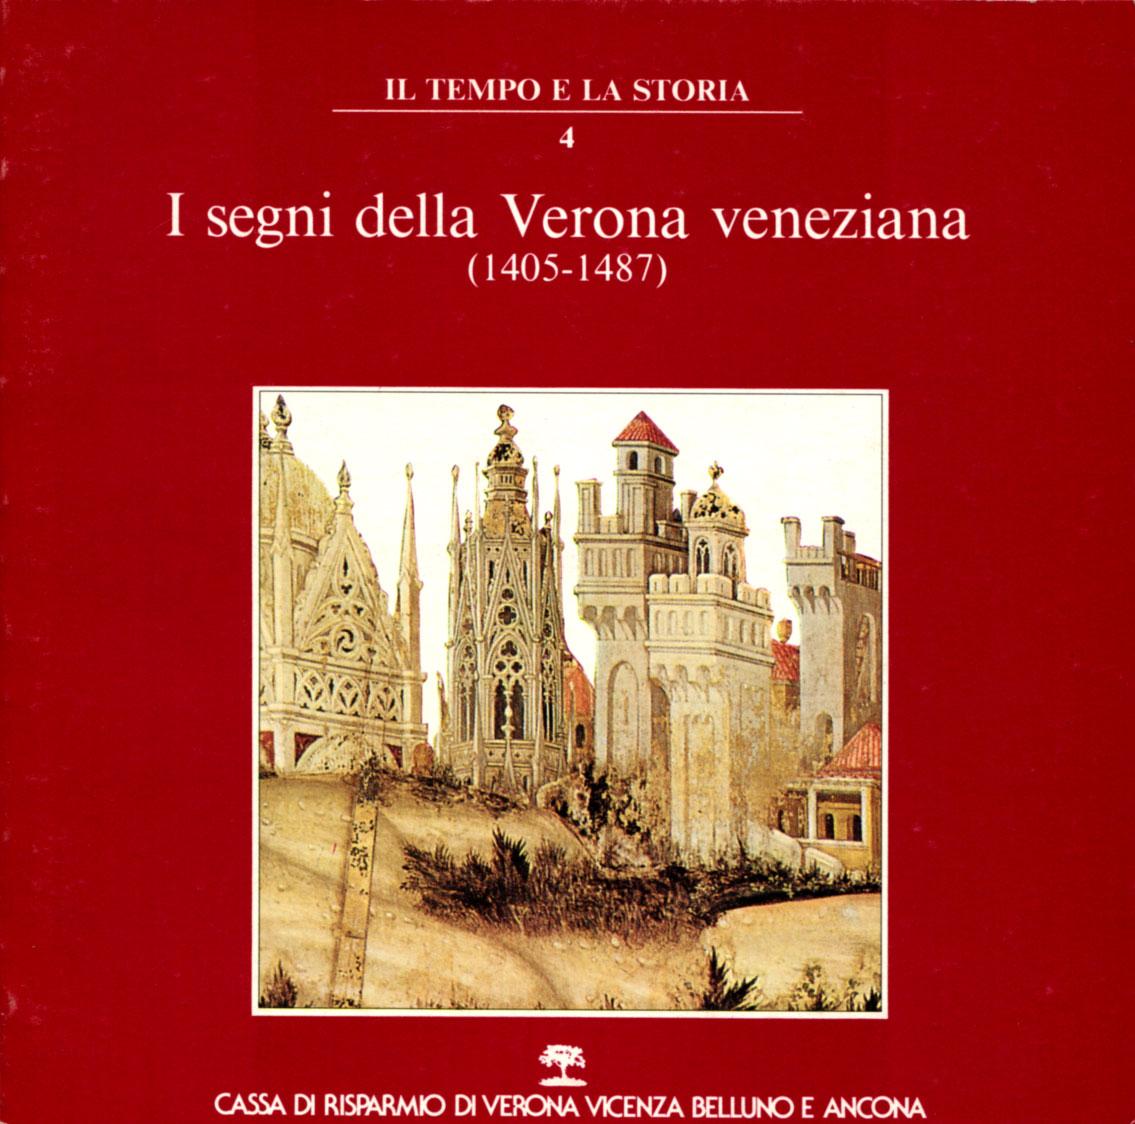 I segni della Verona veneziana (1405-1487)